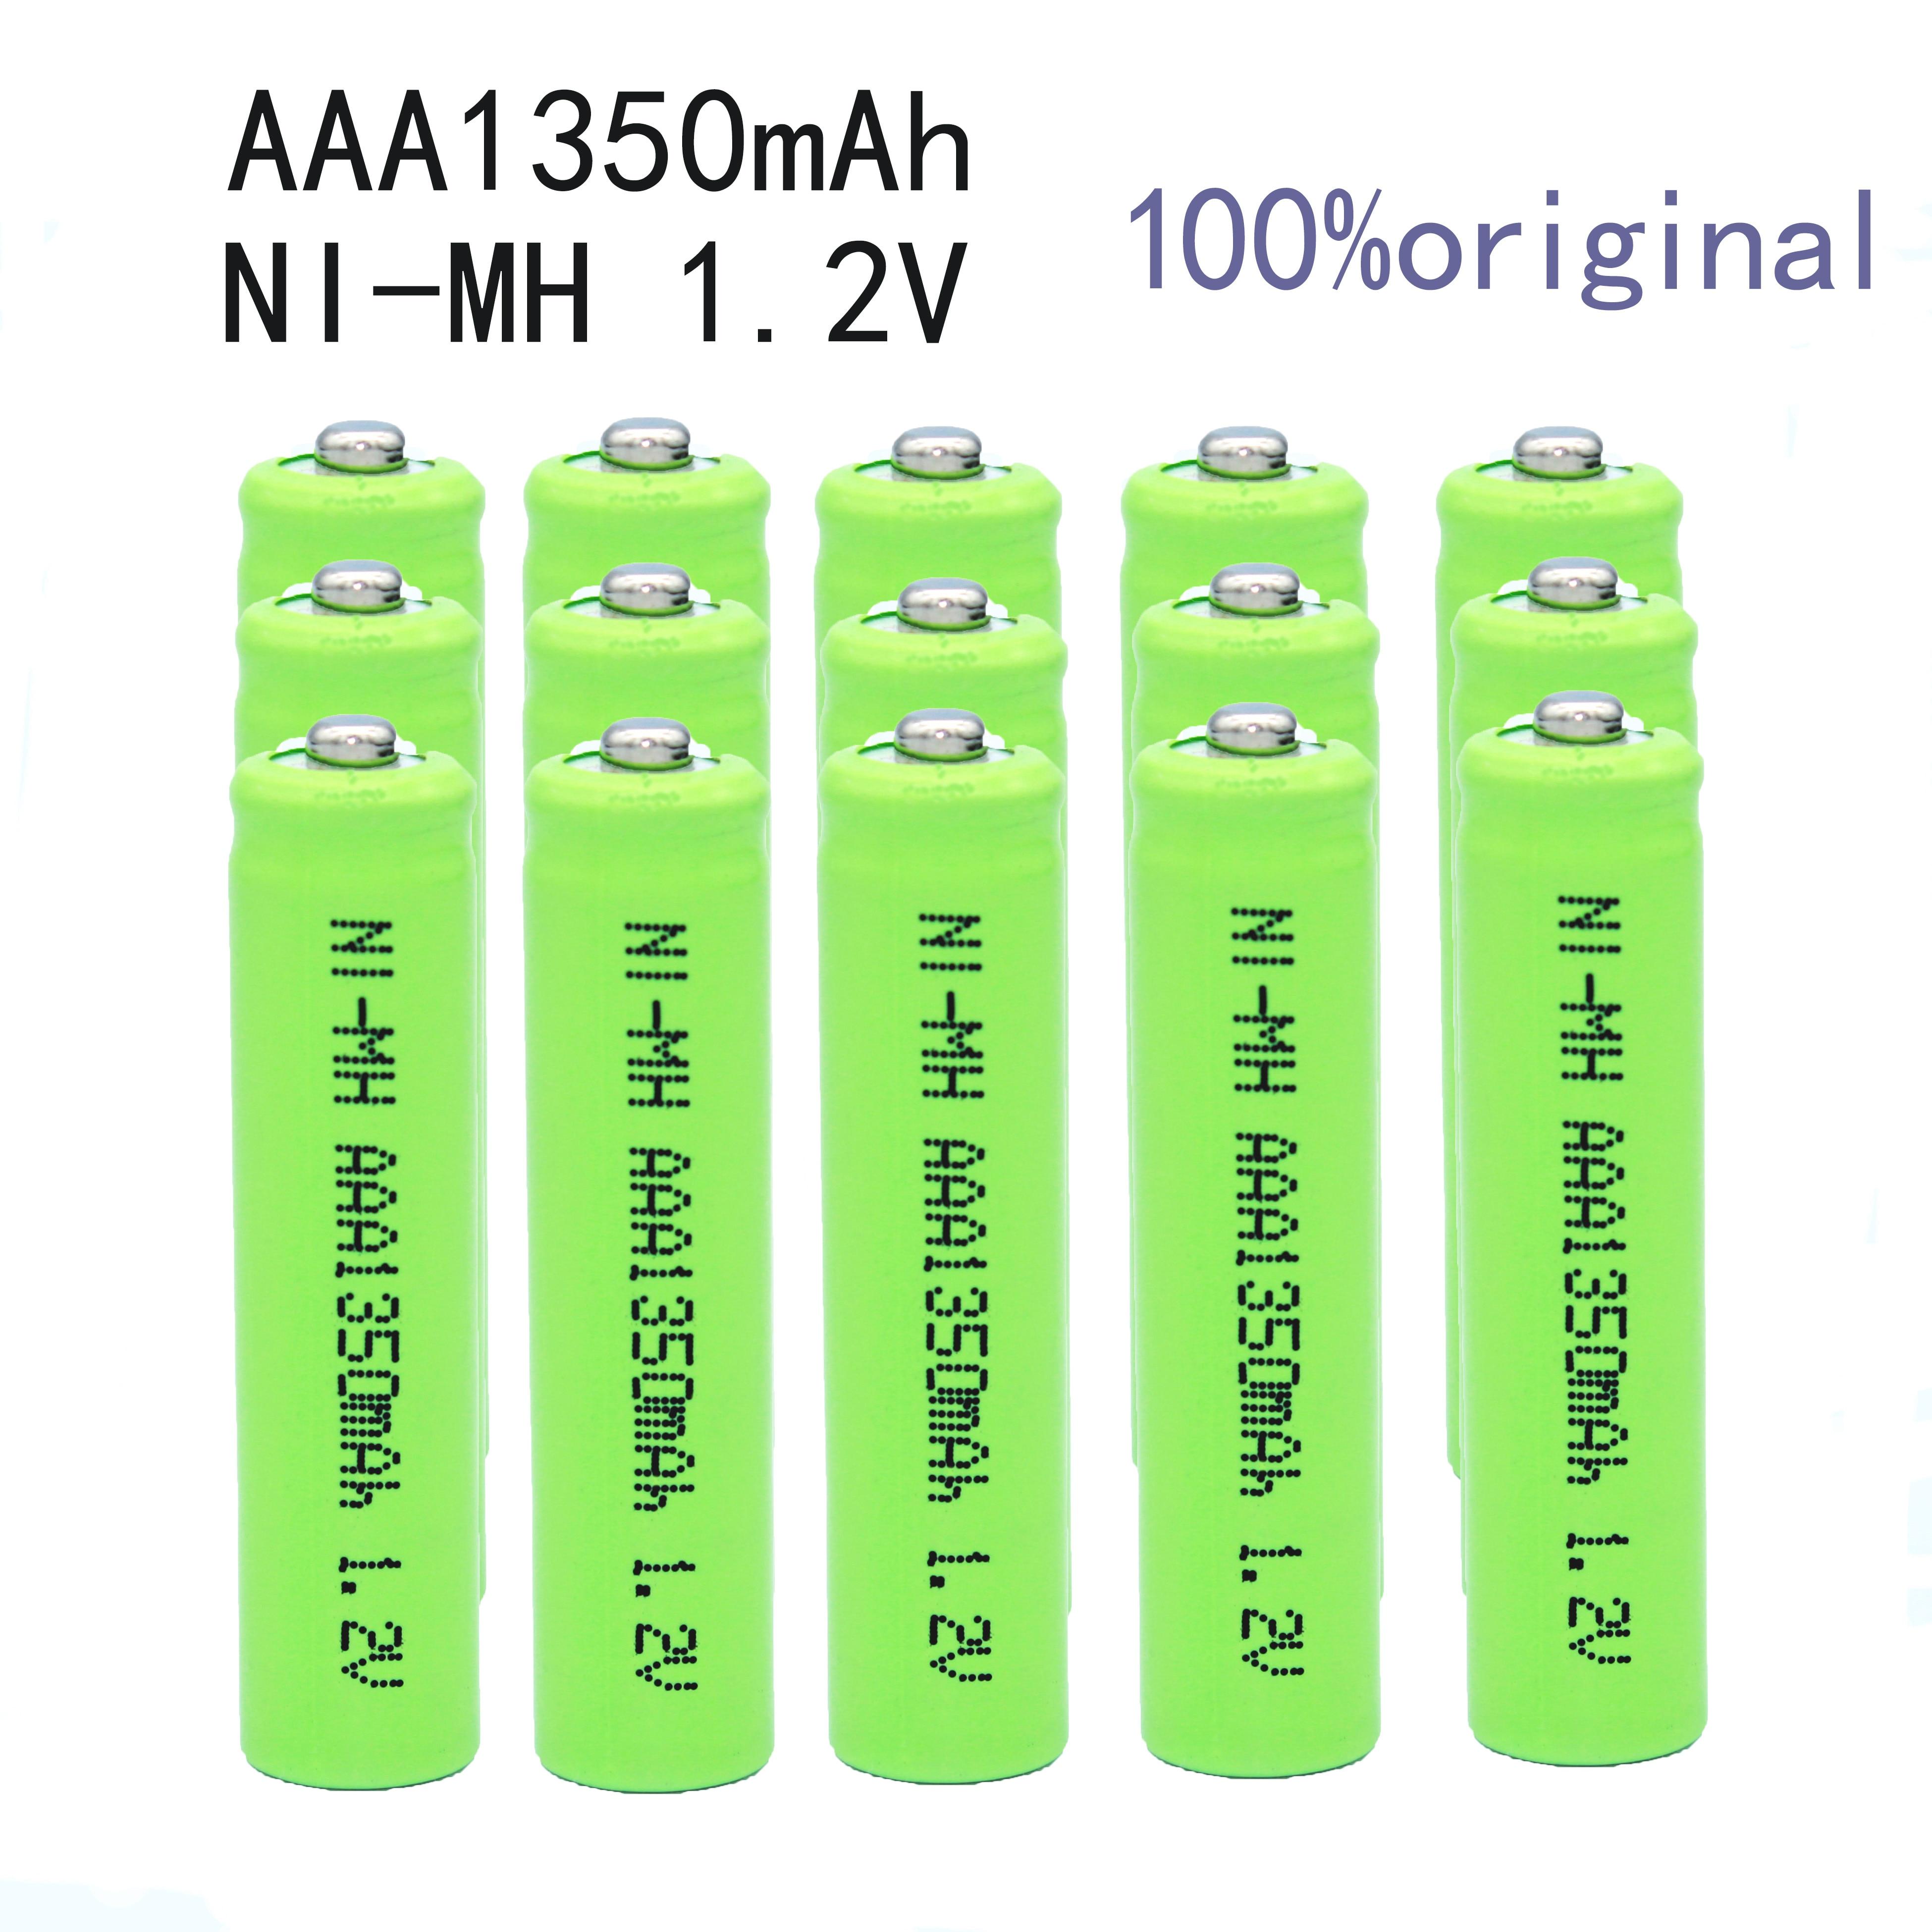 Batería alcalina de 1350mAh para motocicleta, recambio de batería para NI-MH, 100%,...